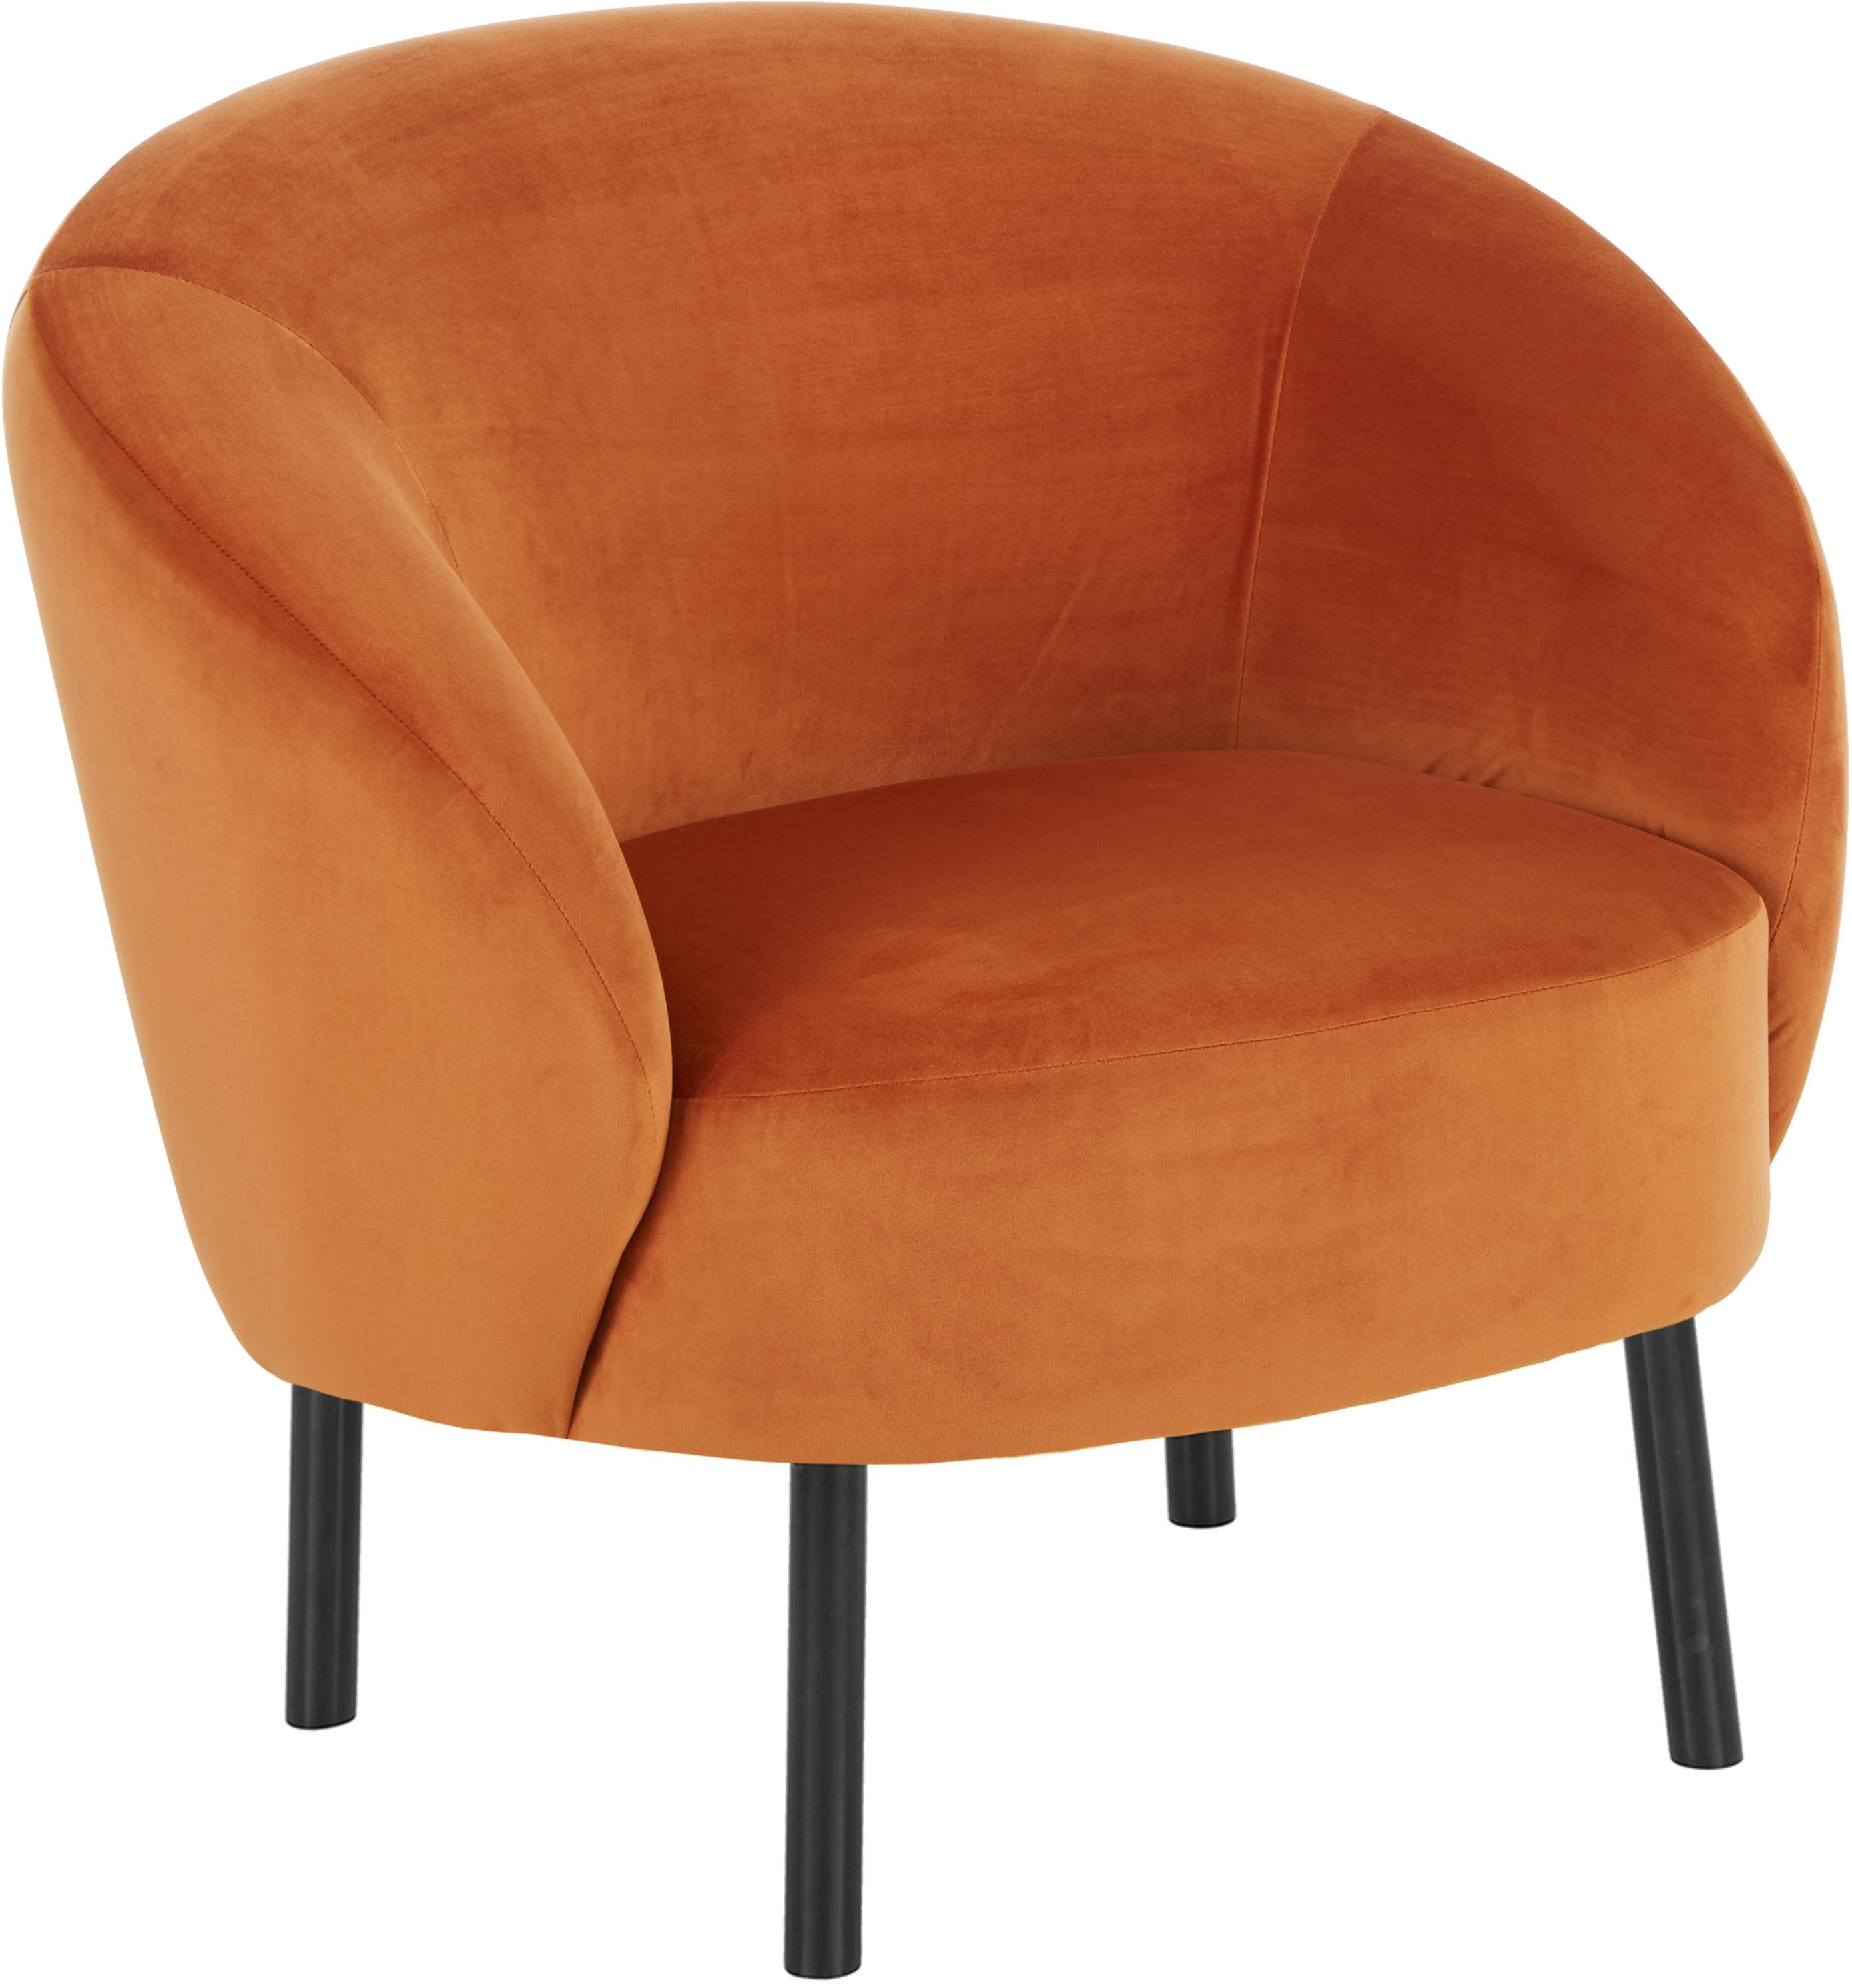 Samt-Cocktailsessel Freja, Bezug: Samt (Polyester) 30.000 S, Füße: Metall, pulverbeschichtet, Samt Orange, B 65 x T 72 cm